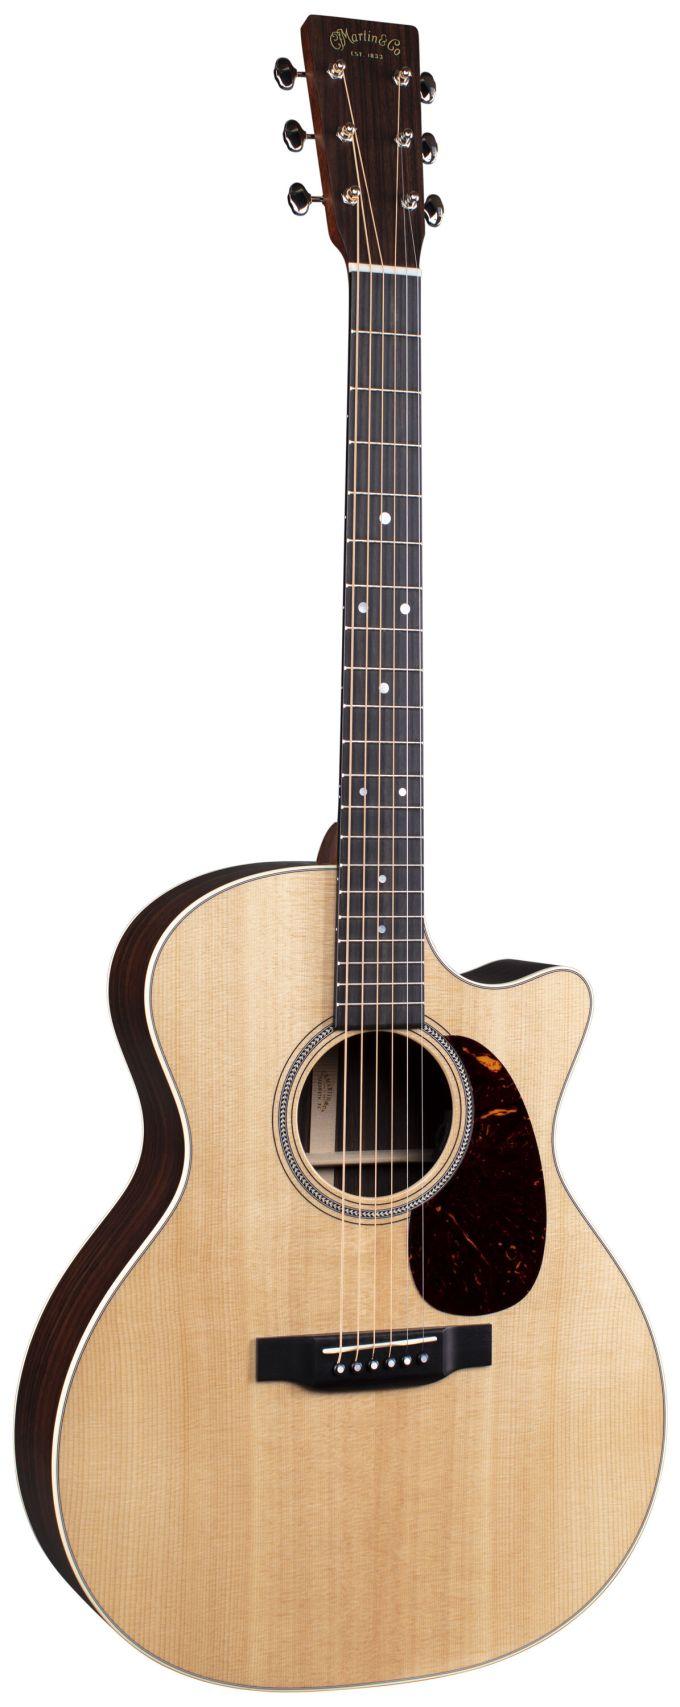 Gpc 16e 16 17 Series Martin Guitar